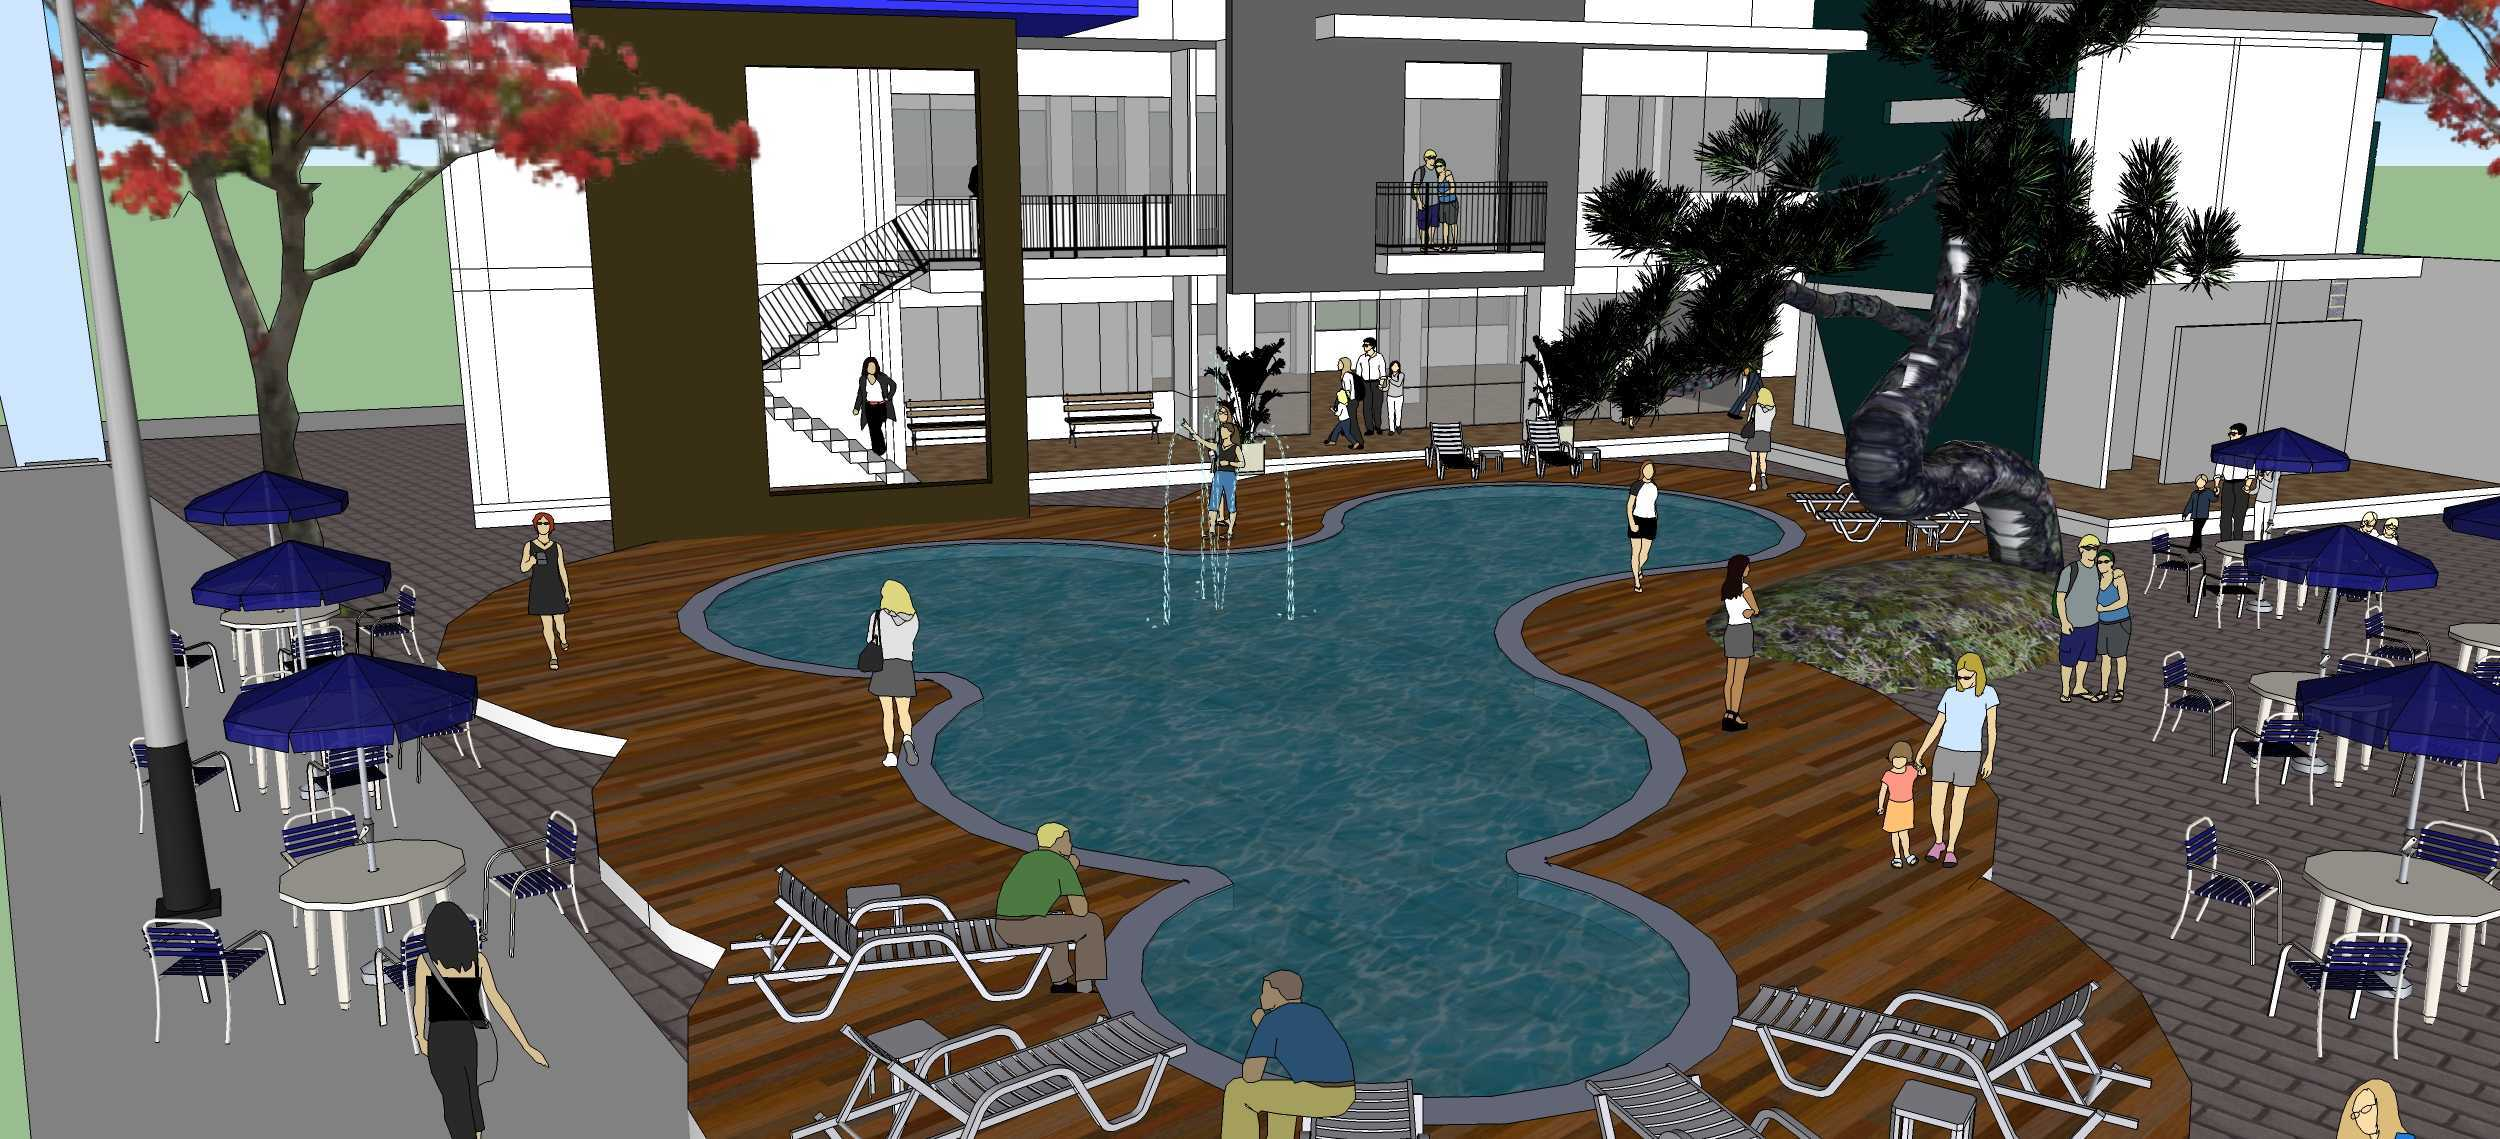 Wicaksono Pandyo Prasasto Hollywood Square Bogor, Jawa Barat Bogor, Jawa Barat Swimming Pool Area   27012